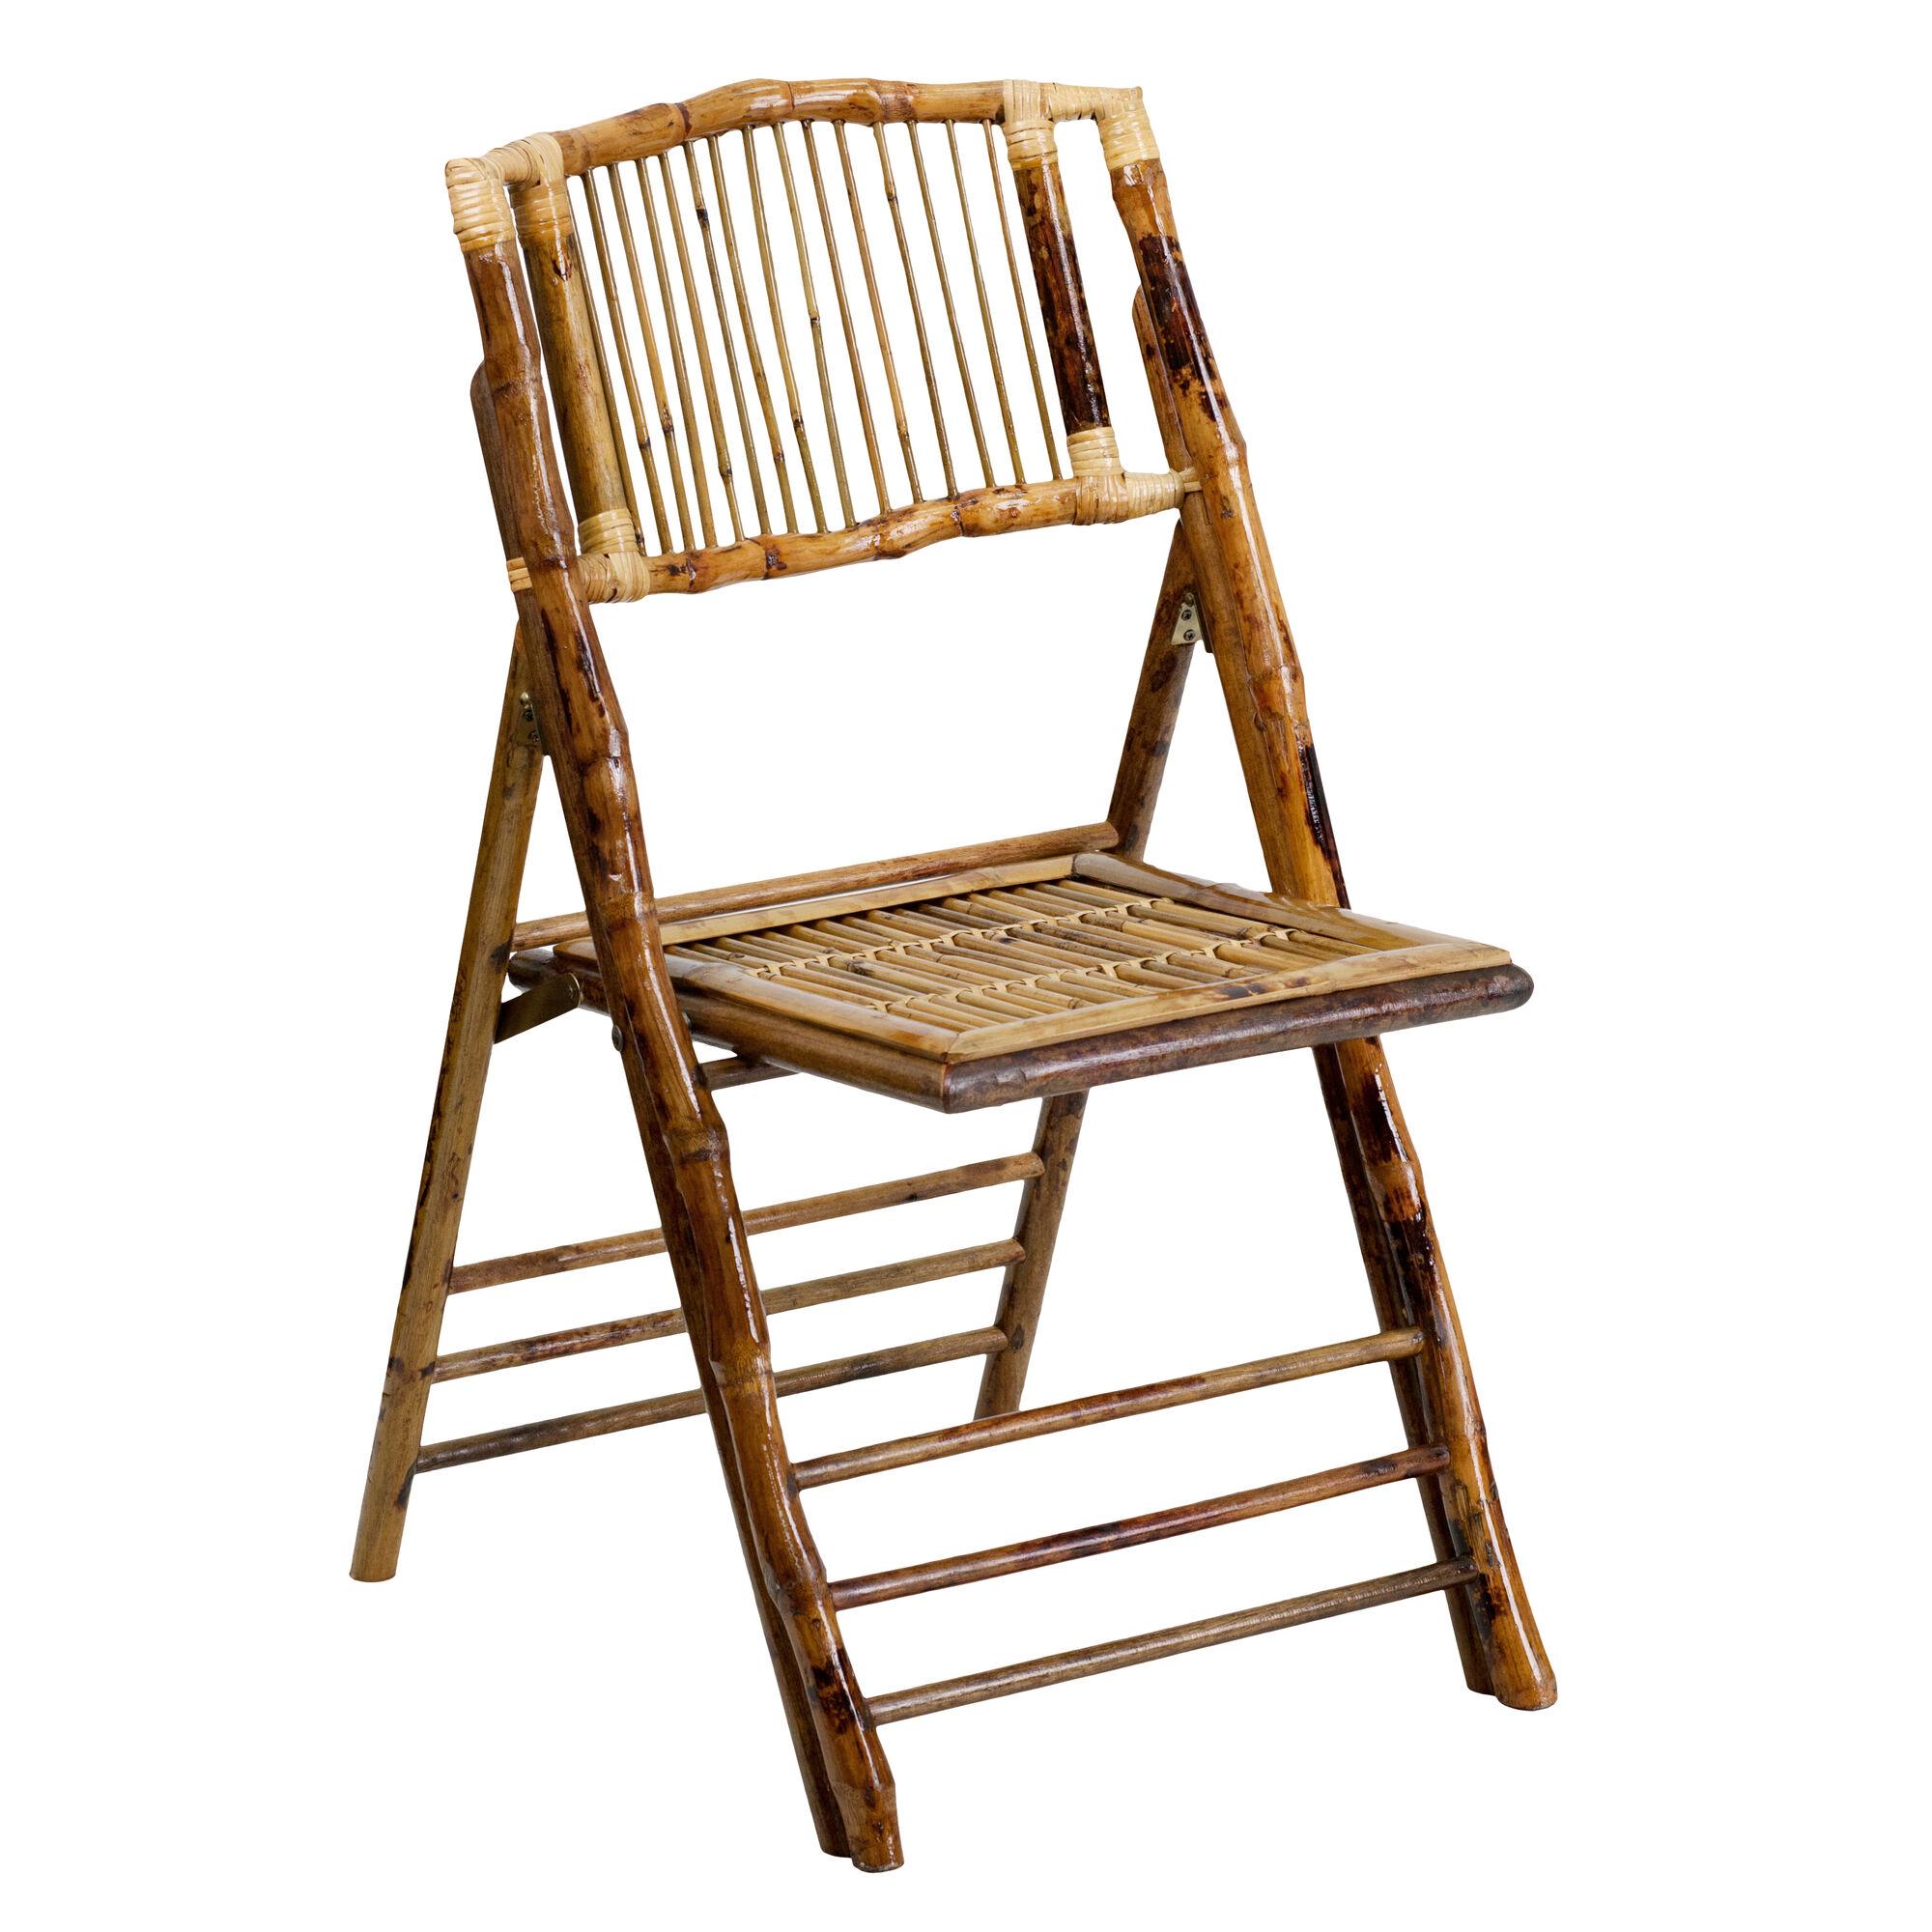 Bamboo Folding Chair X 62111 Bam Gg